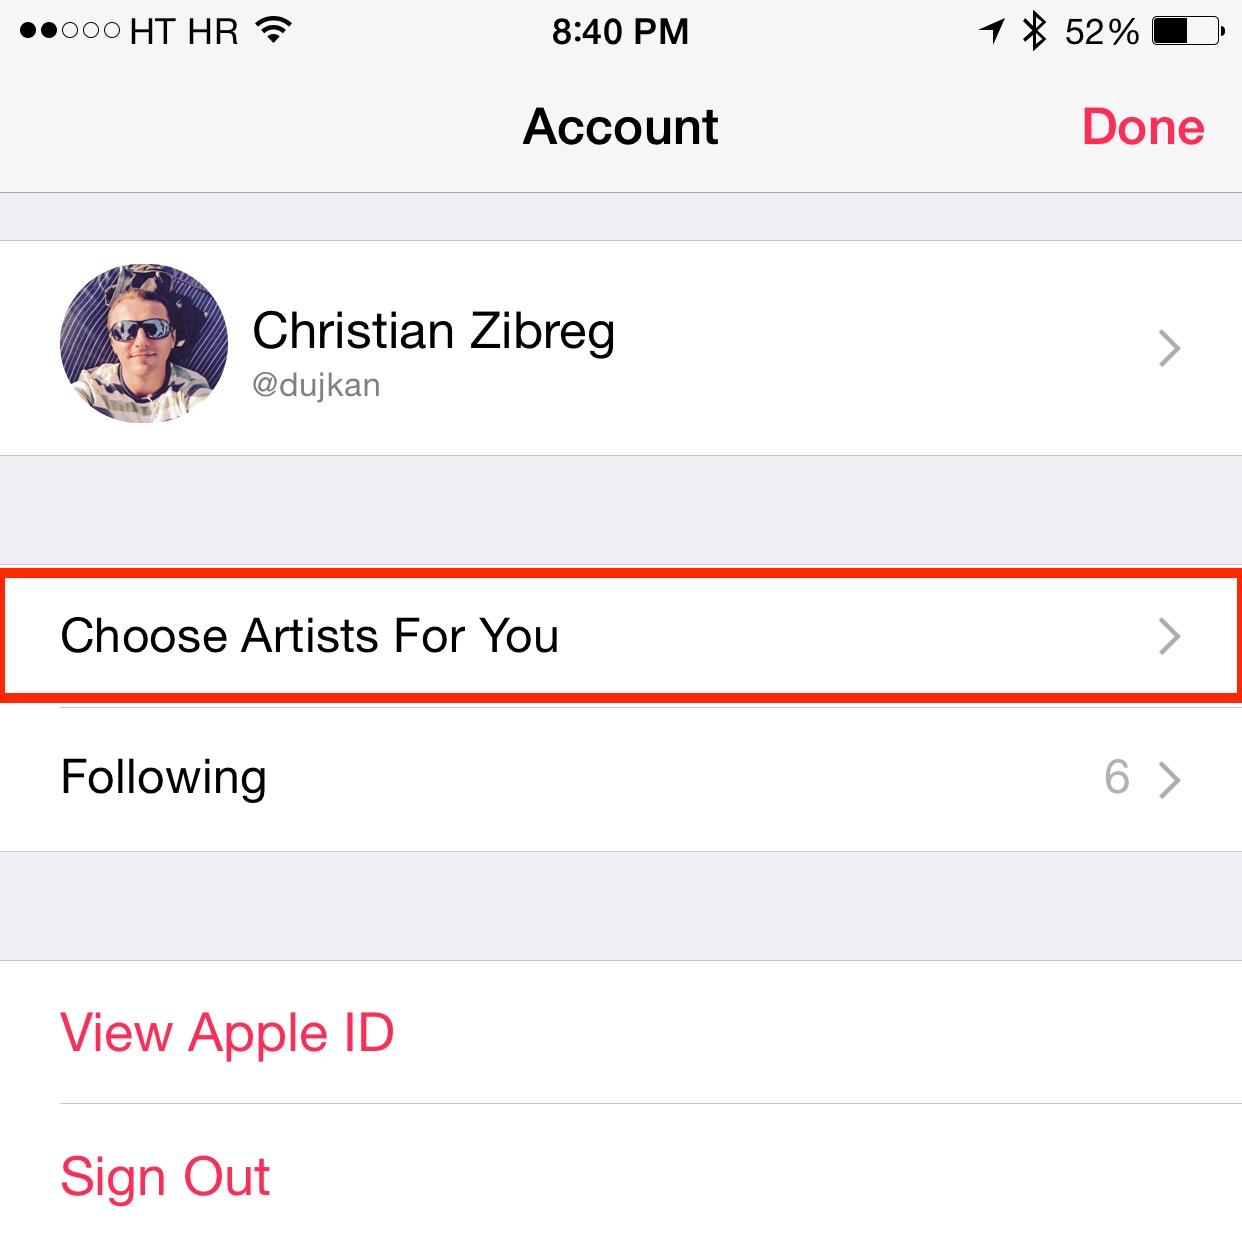 iOS 8.4 Música cómo hacer para ti recomendaciones iPhone captura de pantalla 004